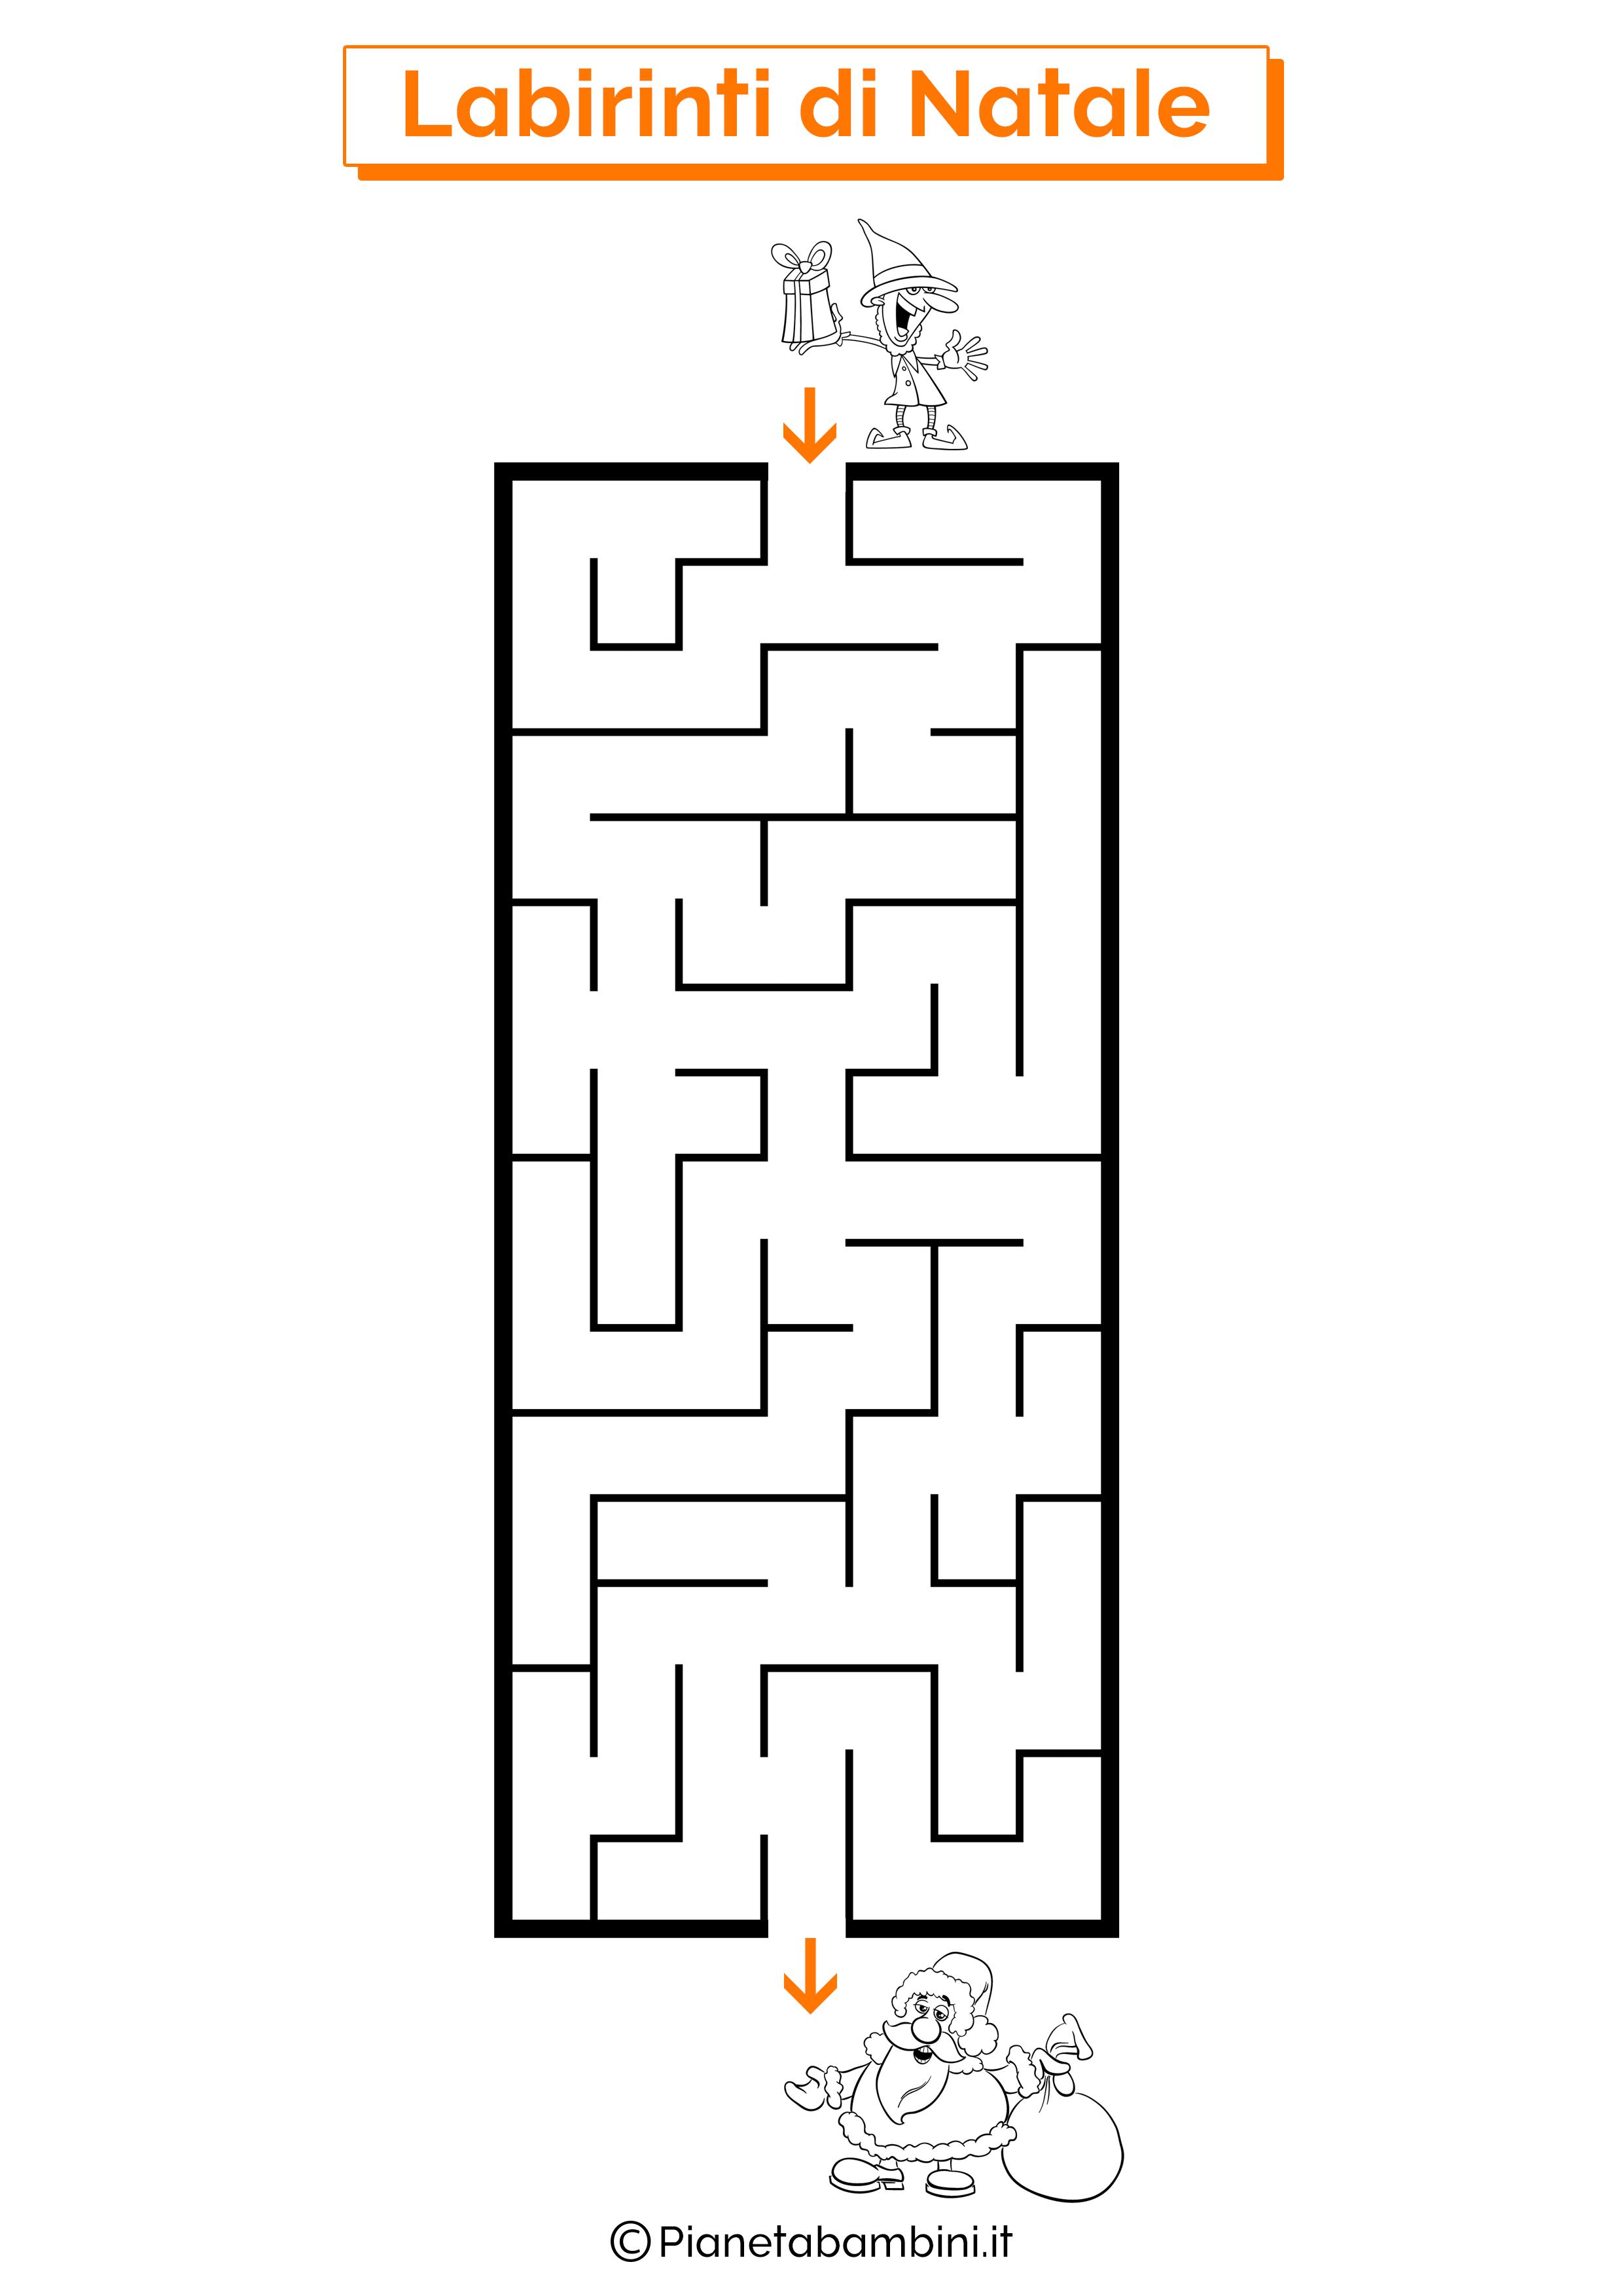 Labirinto di Natale da stampare 08